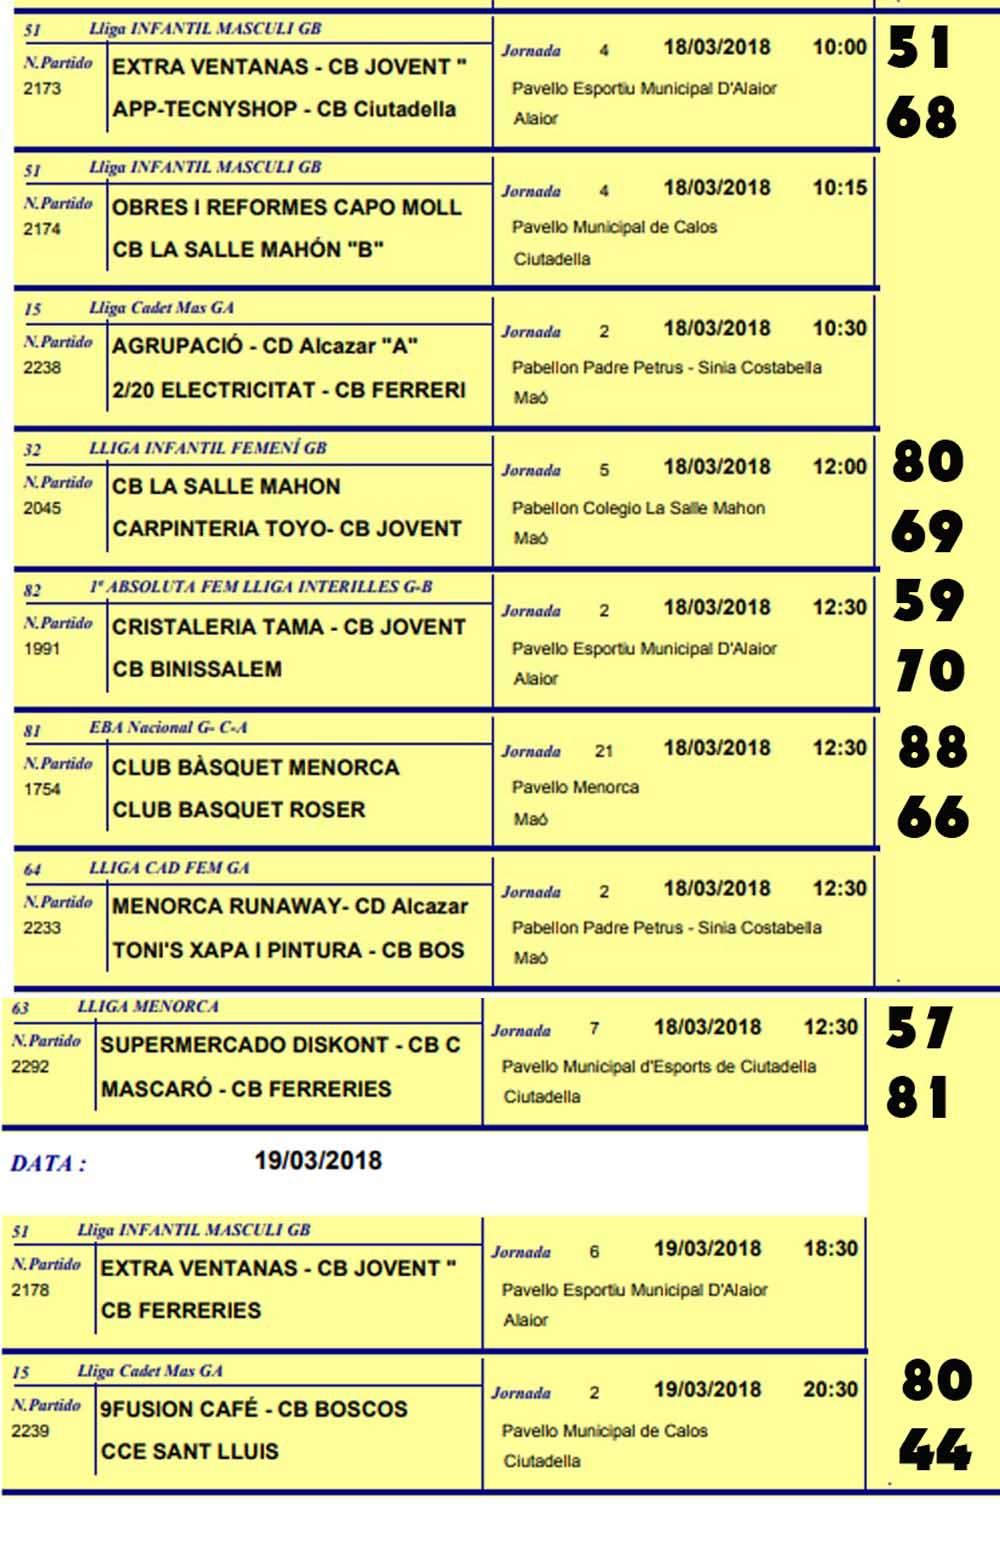 Resultats Bàsquet de Menorca